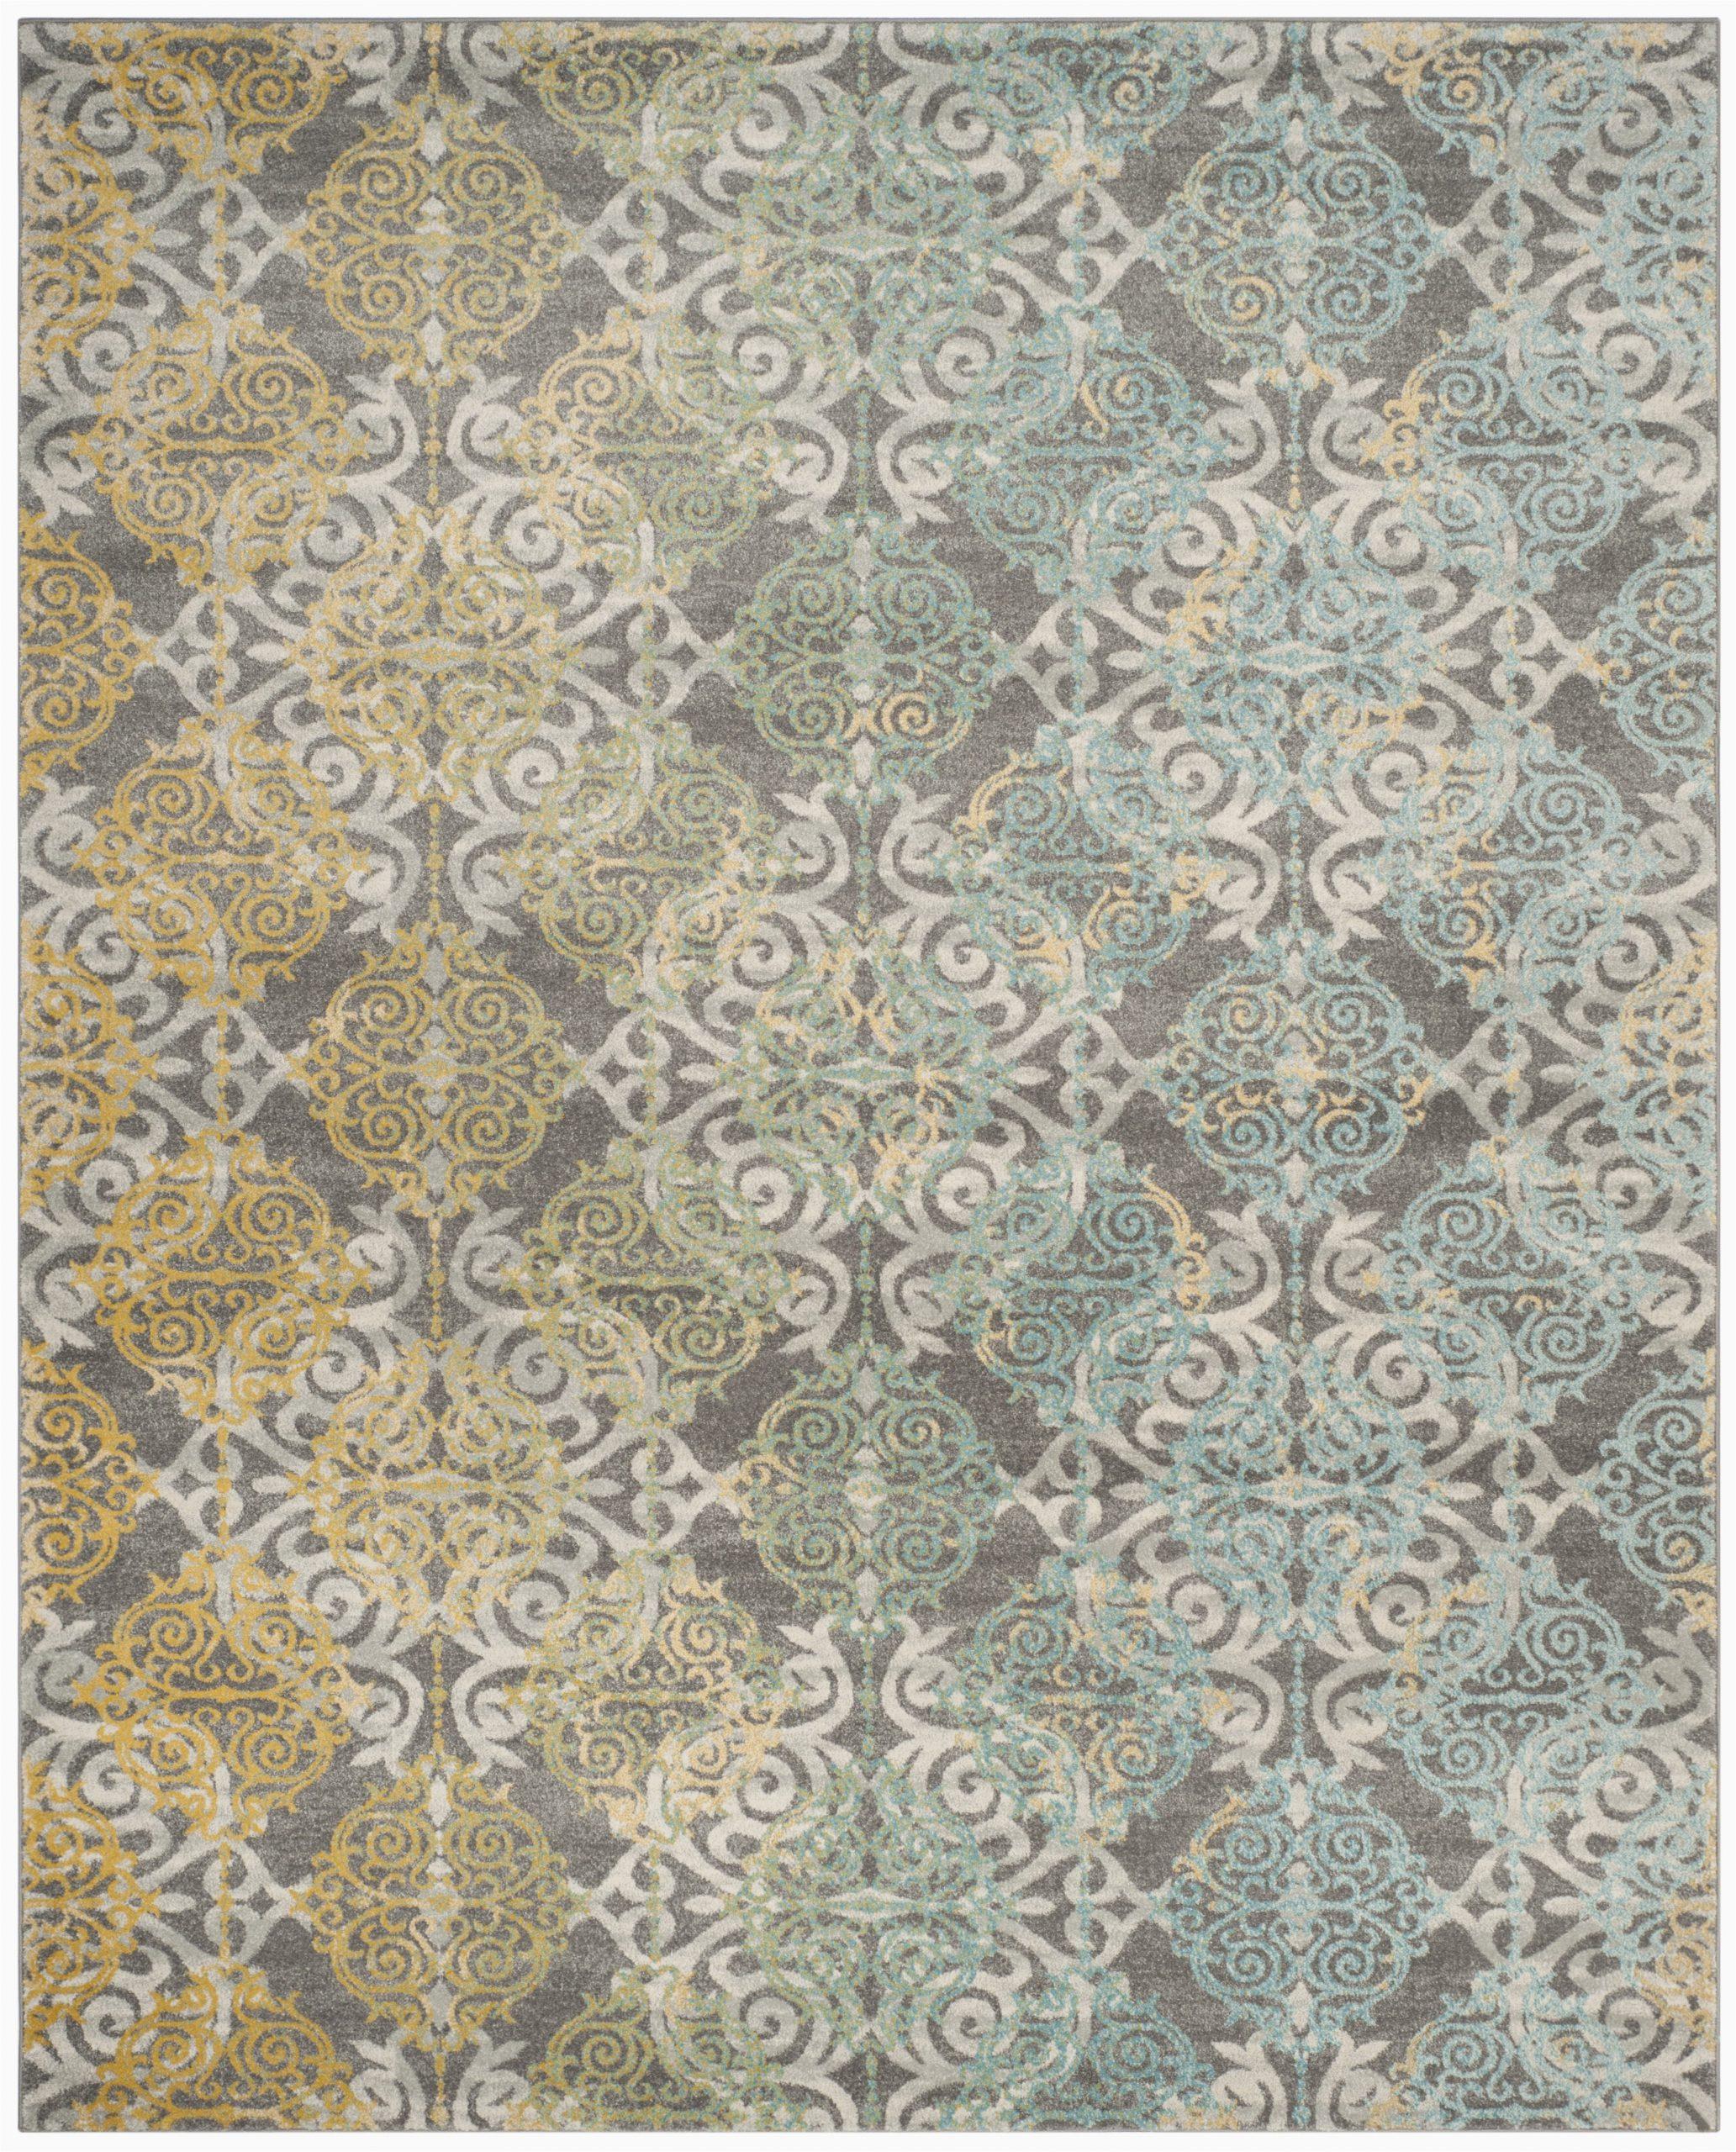 mistana elson damask grey ivory area rug mtna3393 piid=